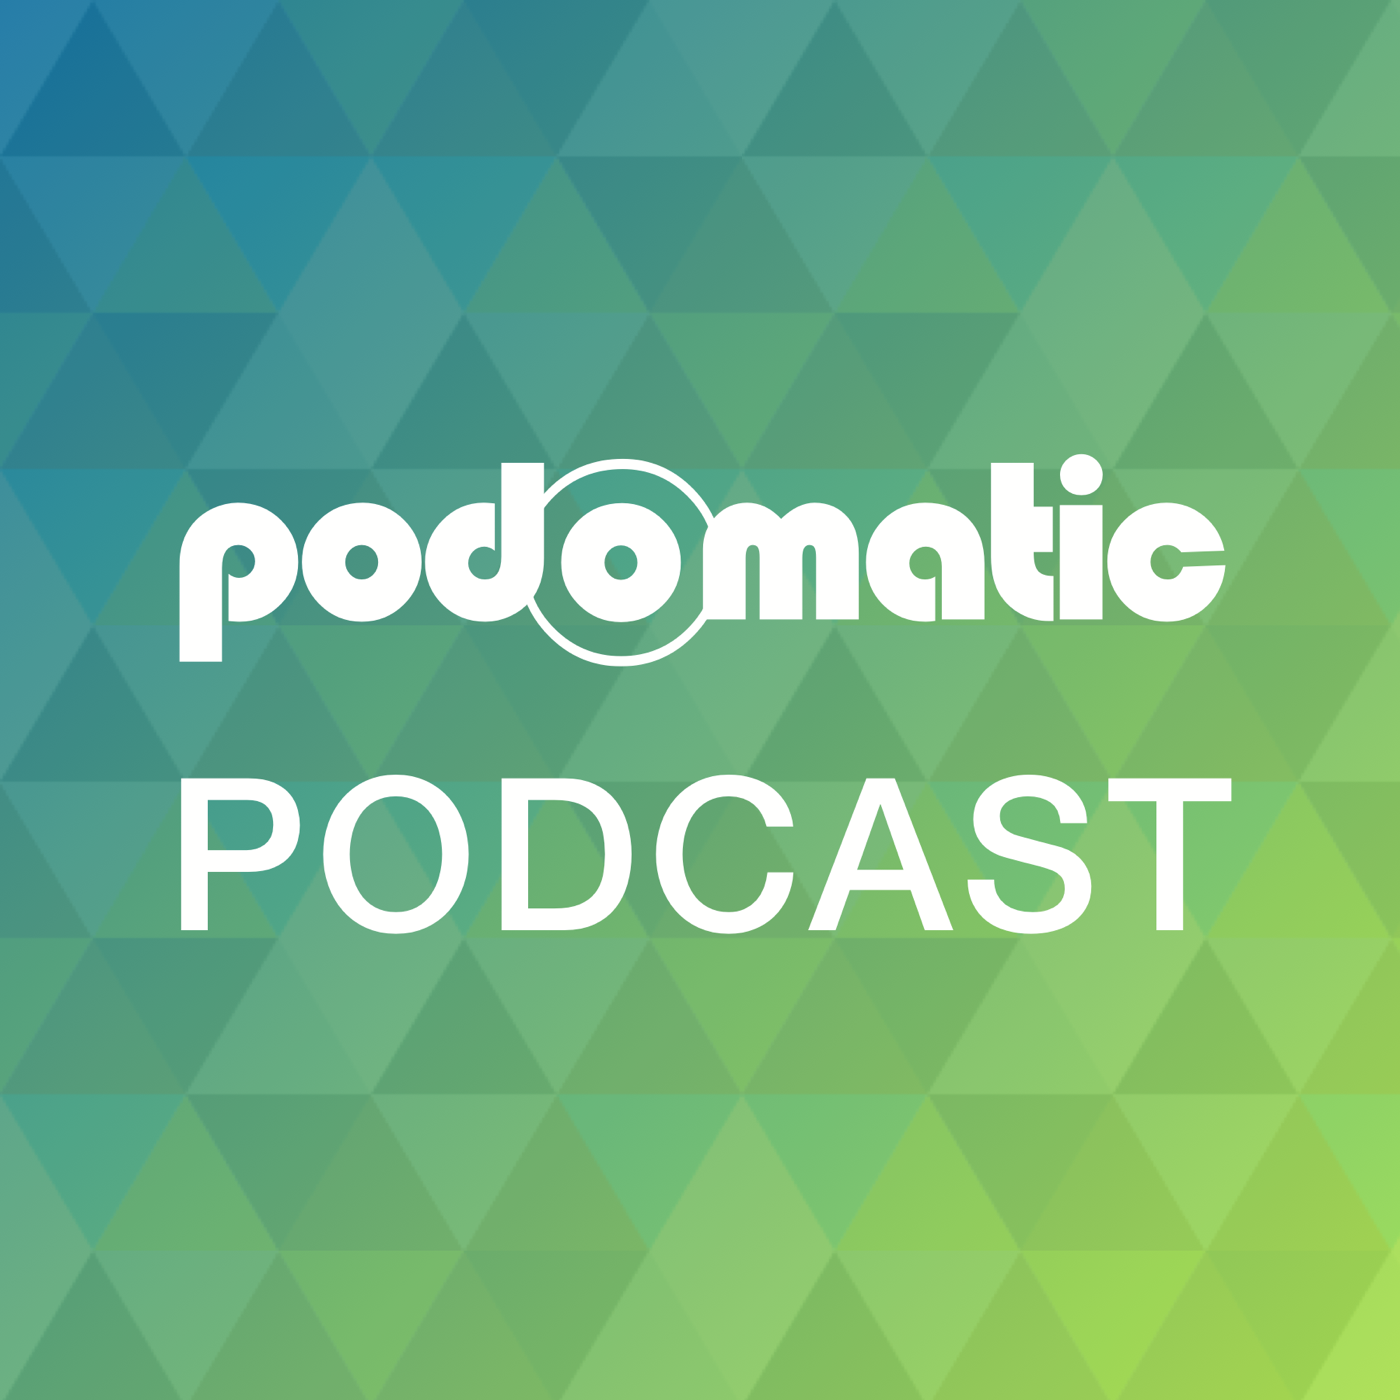 Randy Mejia's Podcast